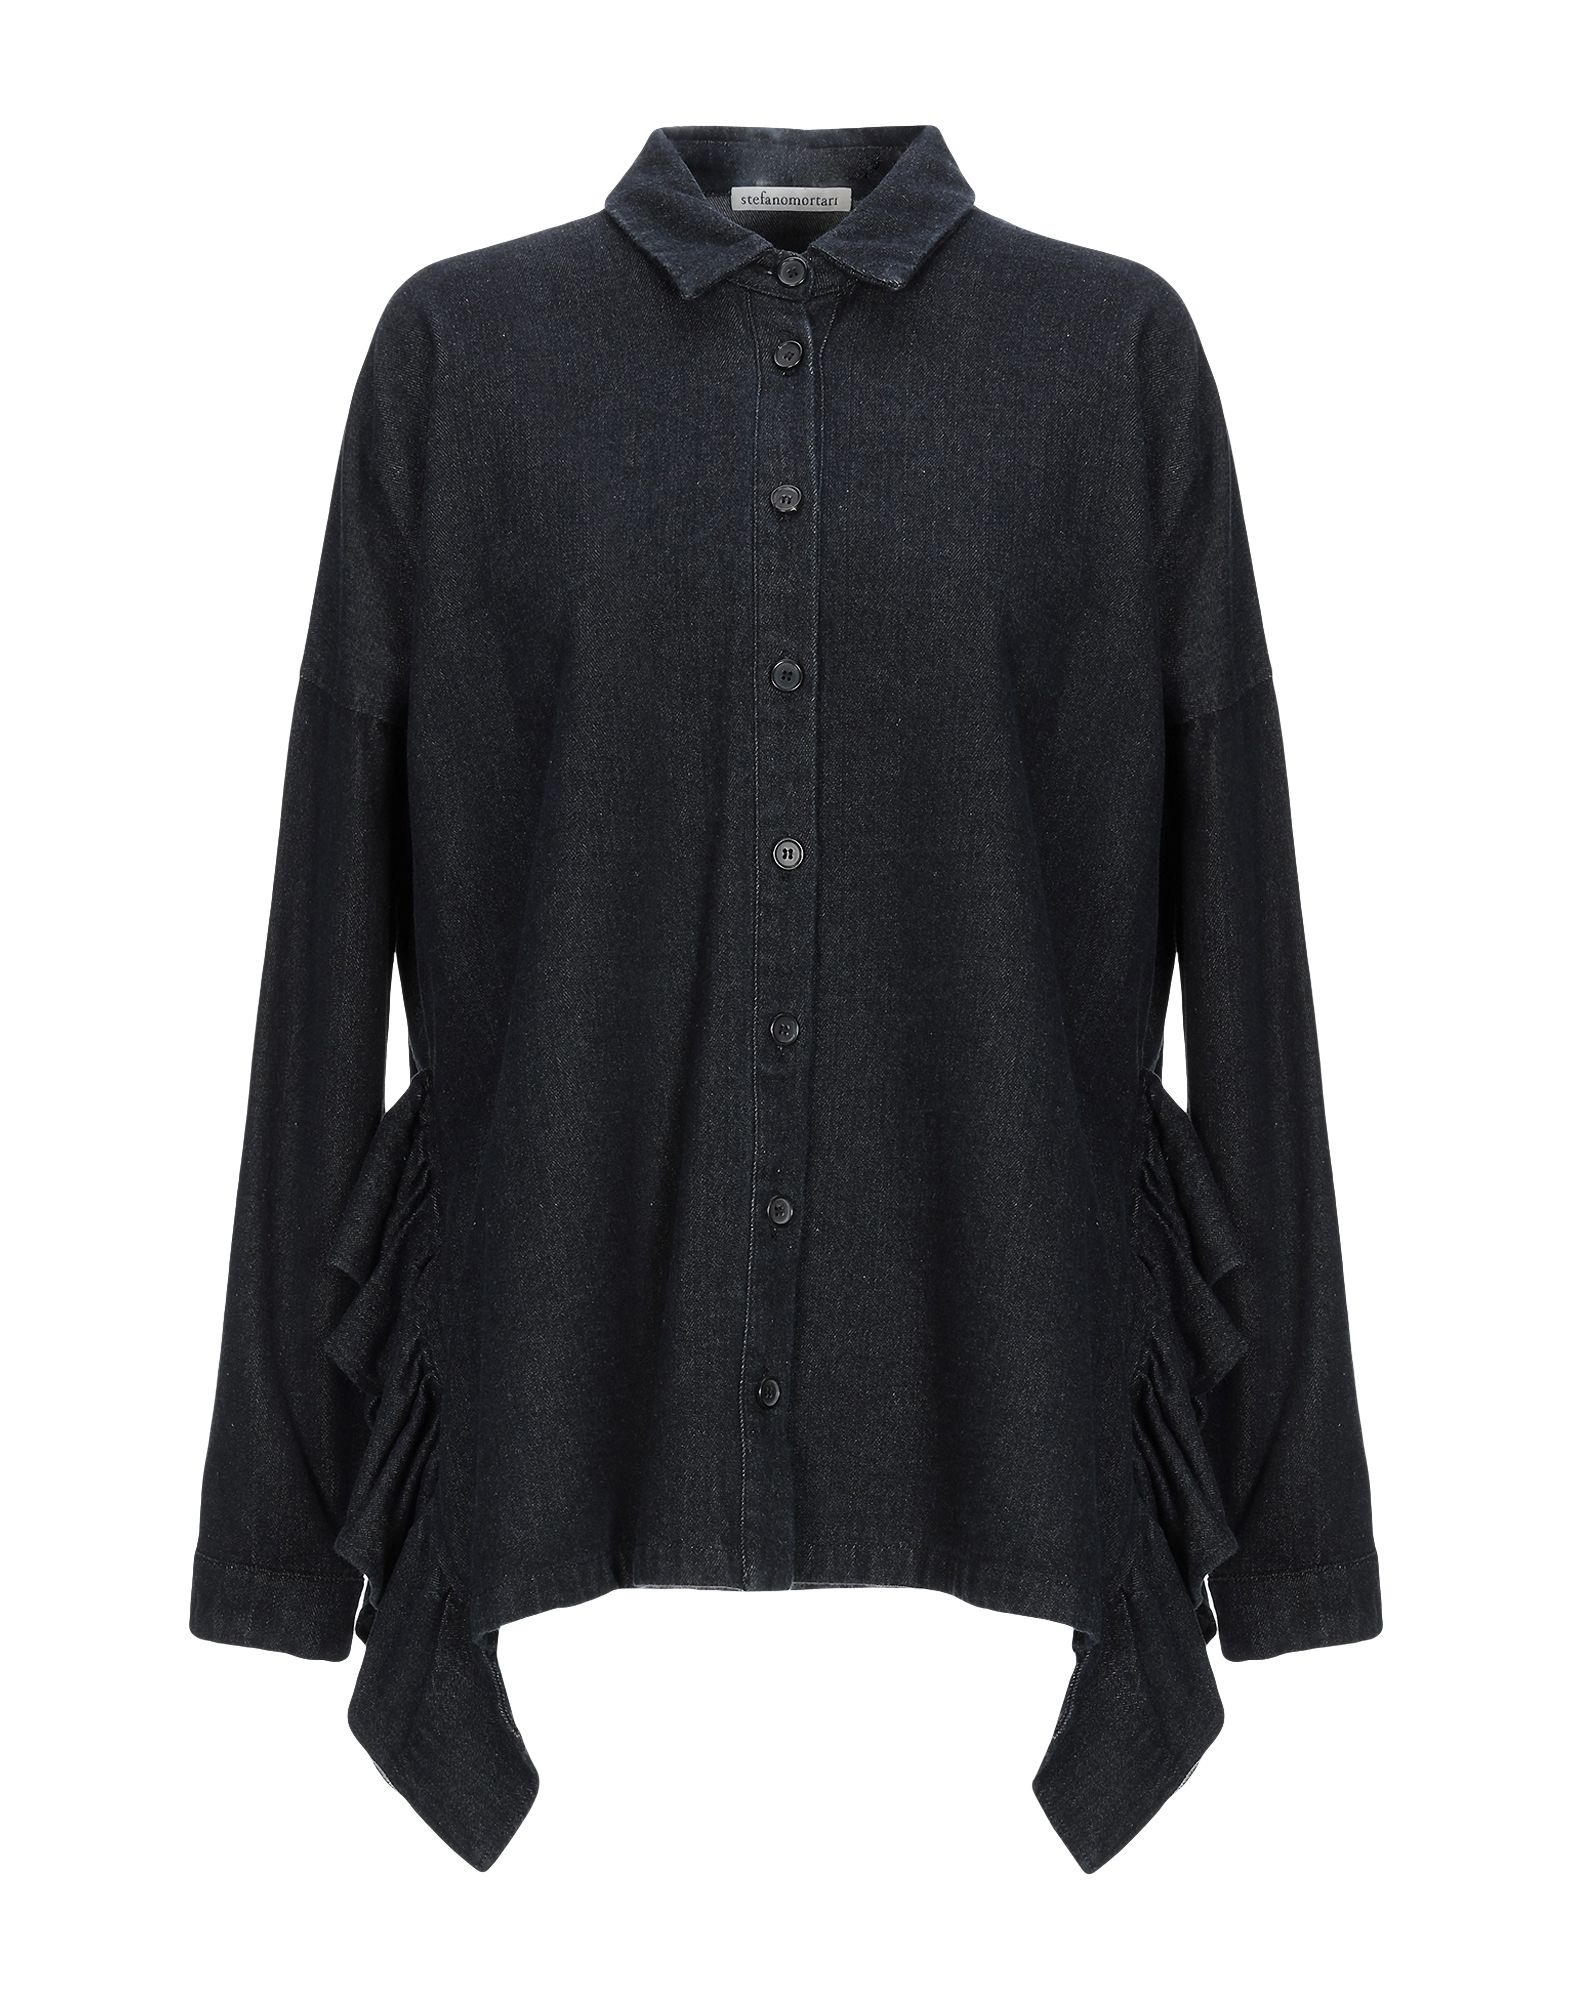 《送料無料》STEFANO MORTARI レディース デニムシャツ ブラック 38 100% コットン